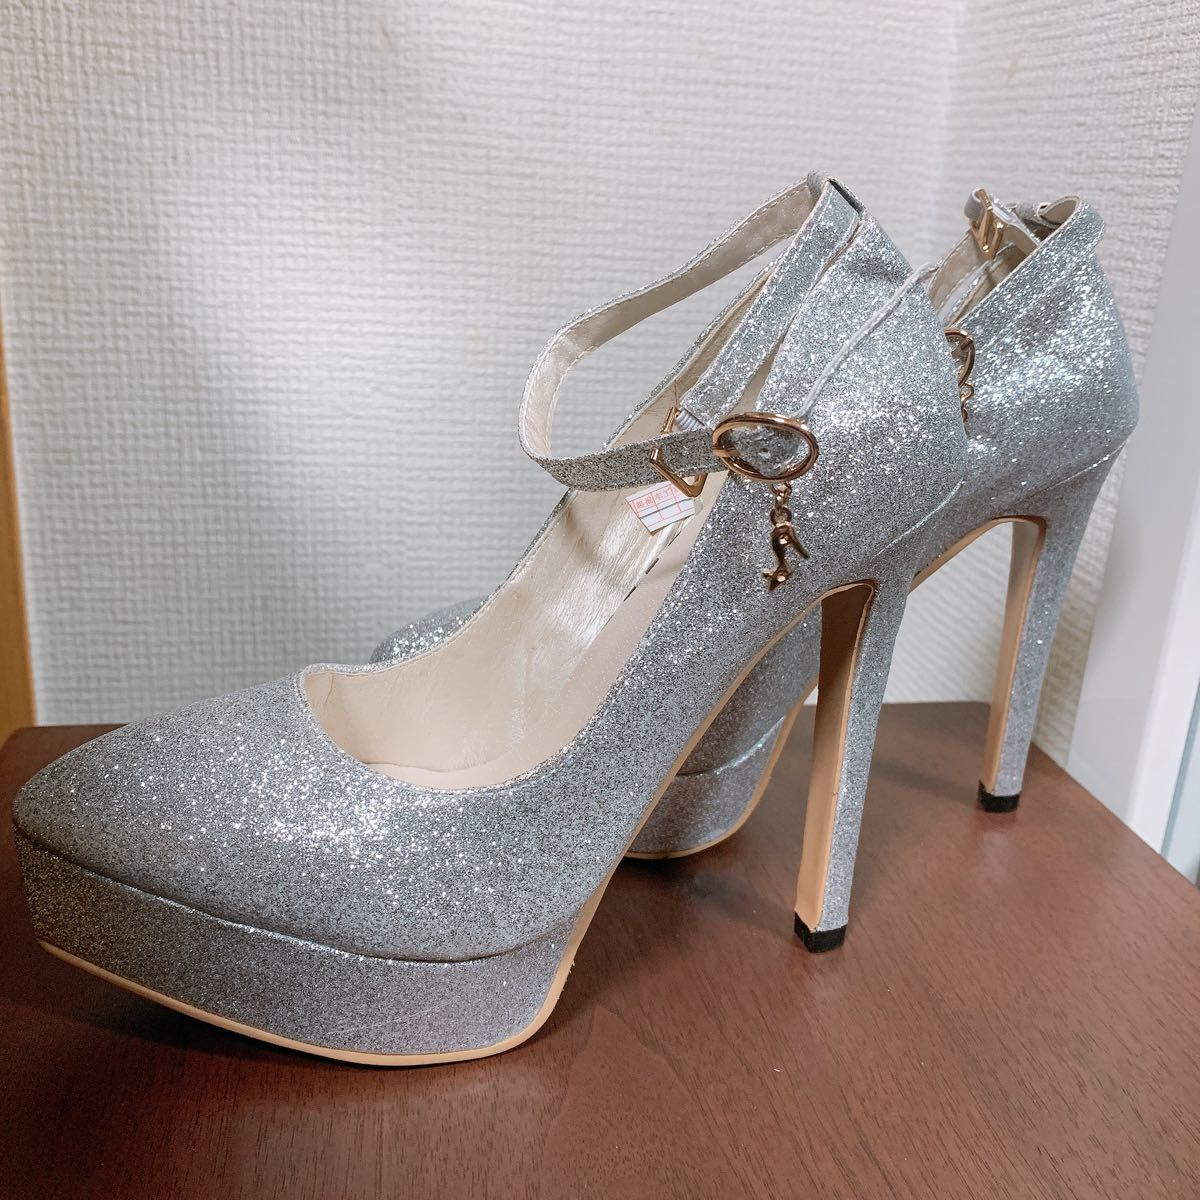 パンプス ストラップ付きパンプス シルバー 銀ハイ ハイヒール 厚底 美脚 履きやすい 22cm